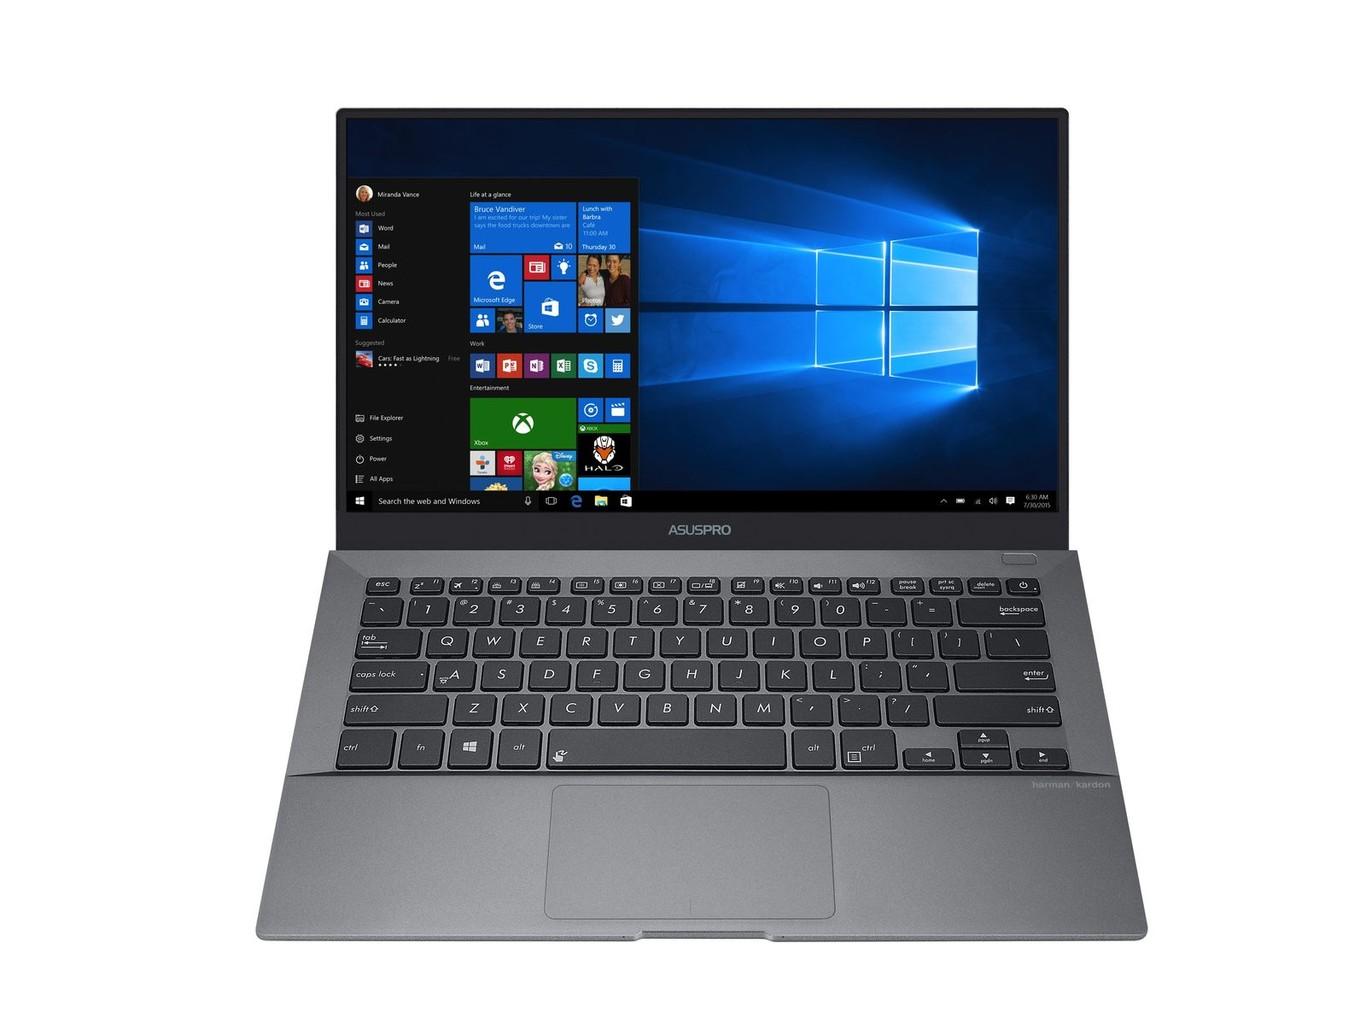 ASUS sorprende a Lenovo con un portátil de 14 pulgadas más ligero que su ThinkPad Carbon